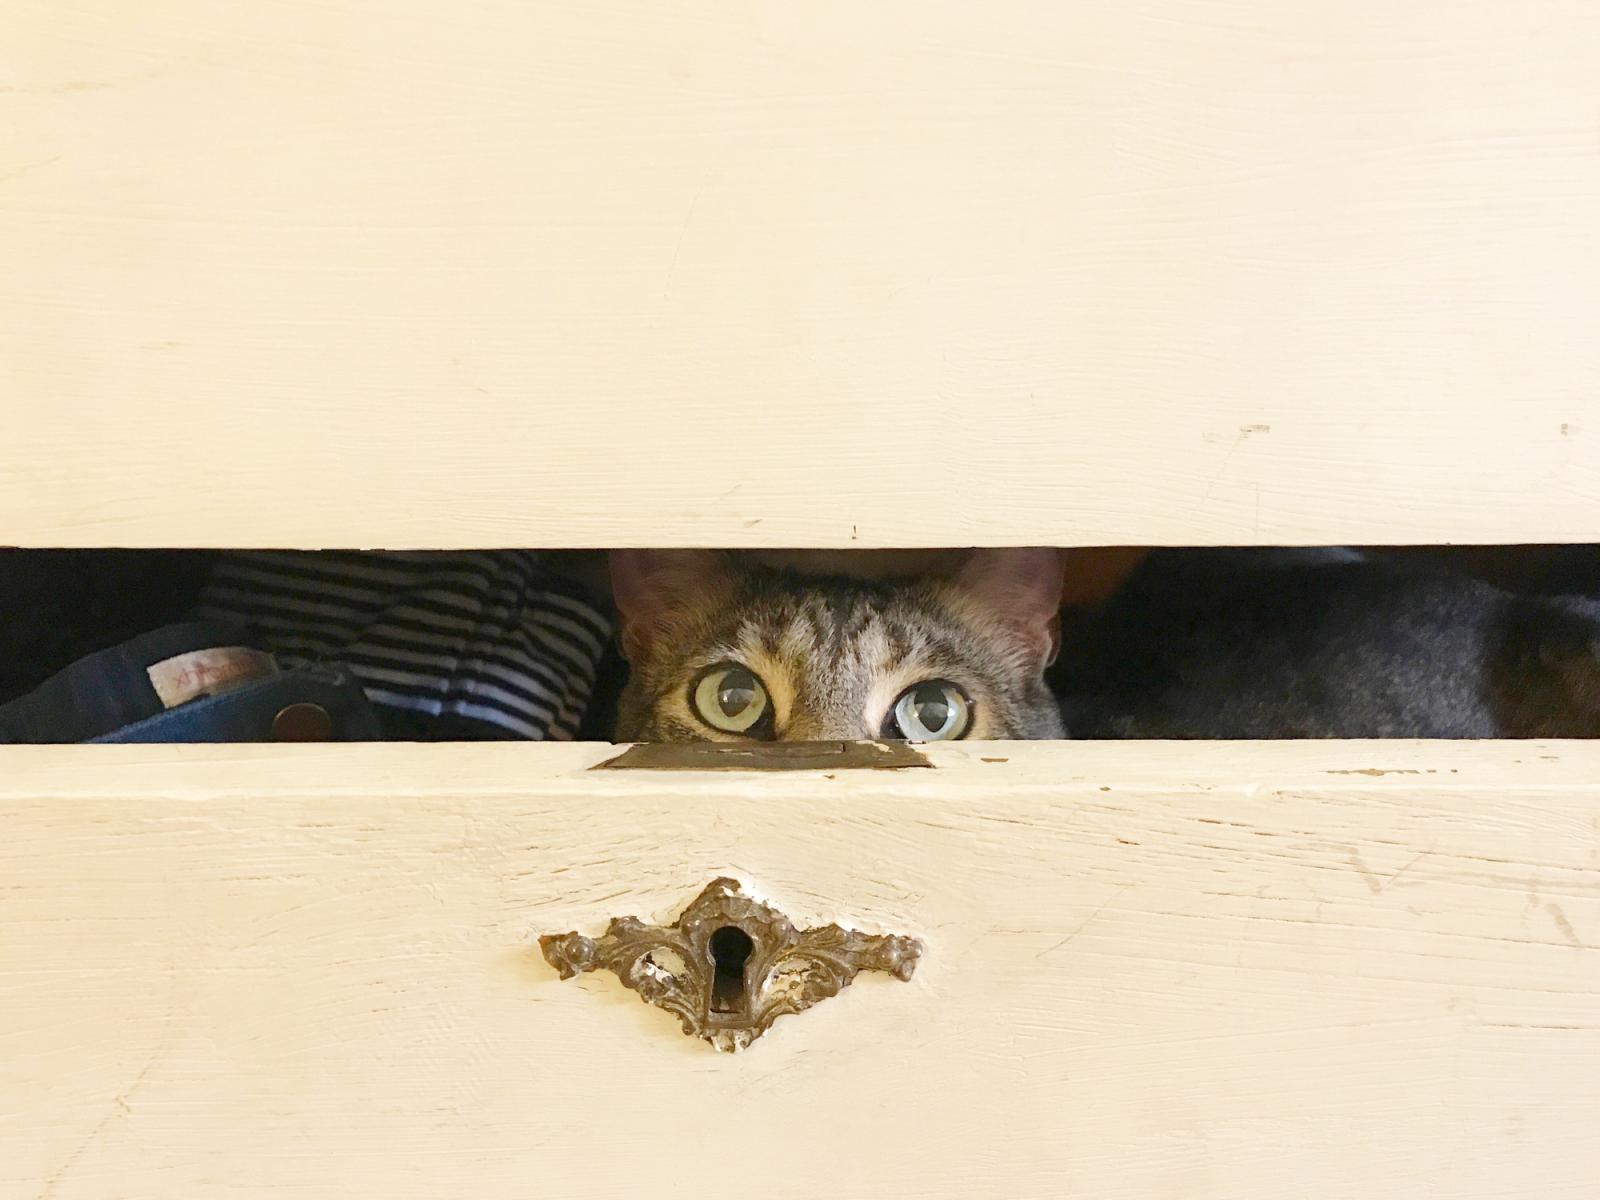 Cat Peeking out of a Dresser Drawer